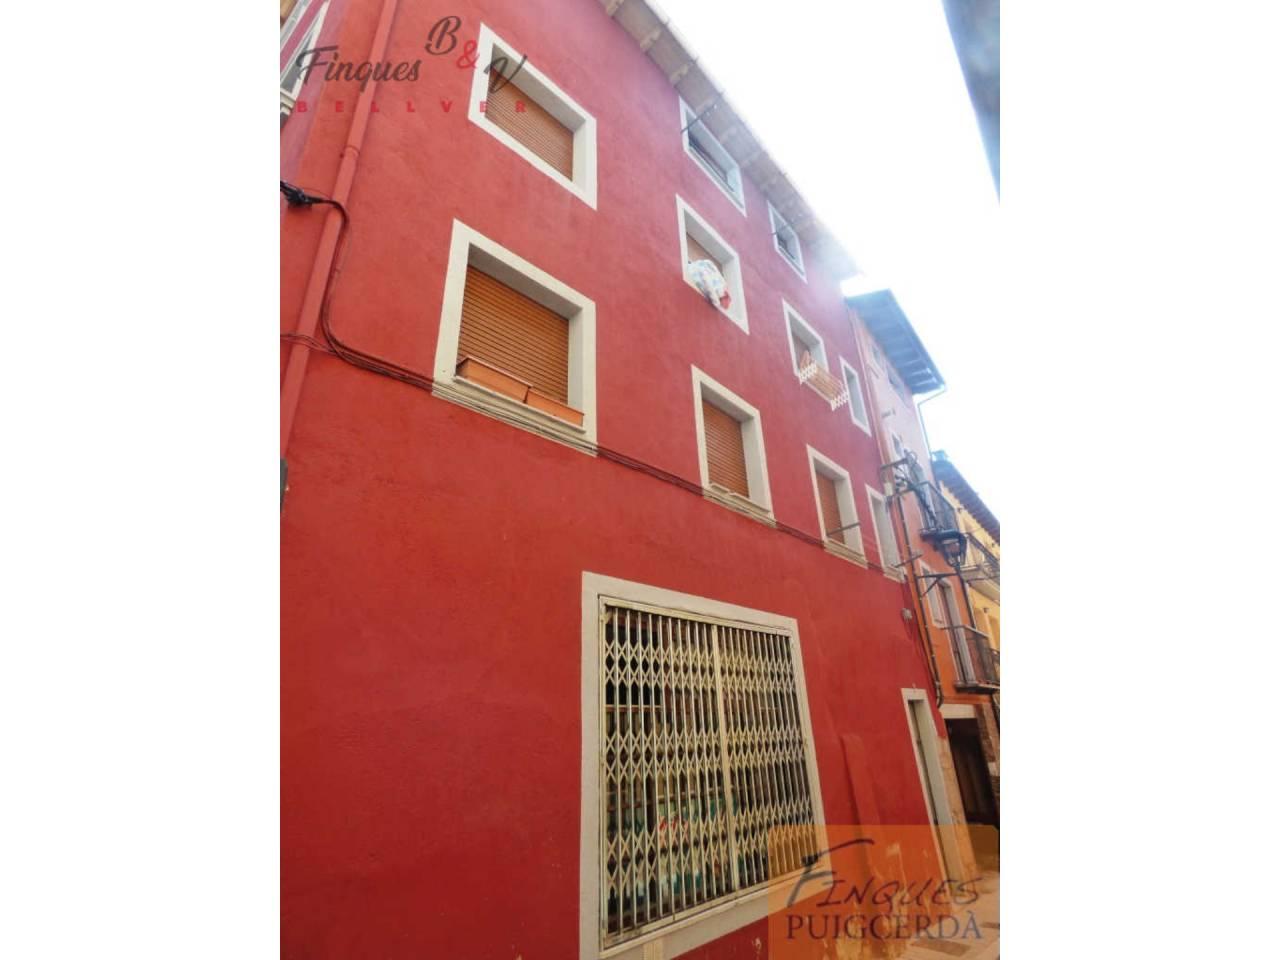 Edificio  Calle capcir, 3. Edificio en el centro de puigcerdà a la venta. el edificio cons